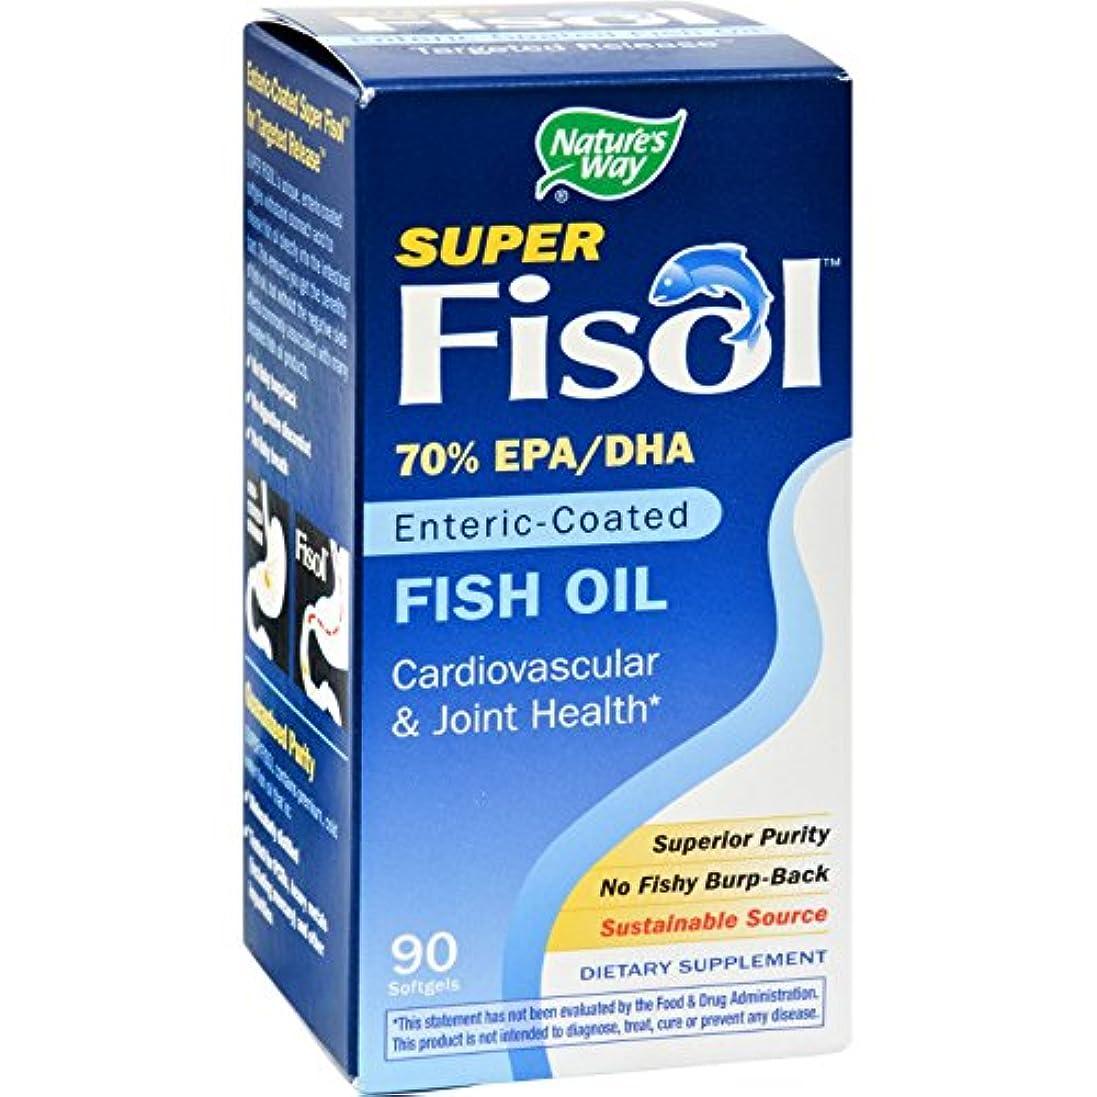 脈拍日光雄弁なスーパーフィソール(高含有EPA?DHA) 90粒[海外直送品]